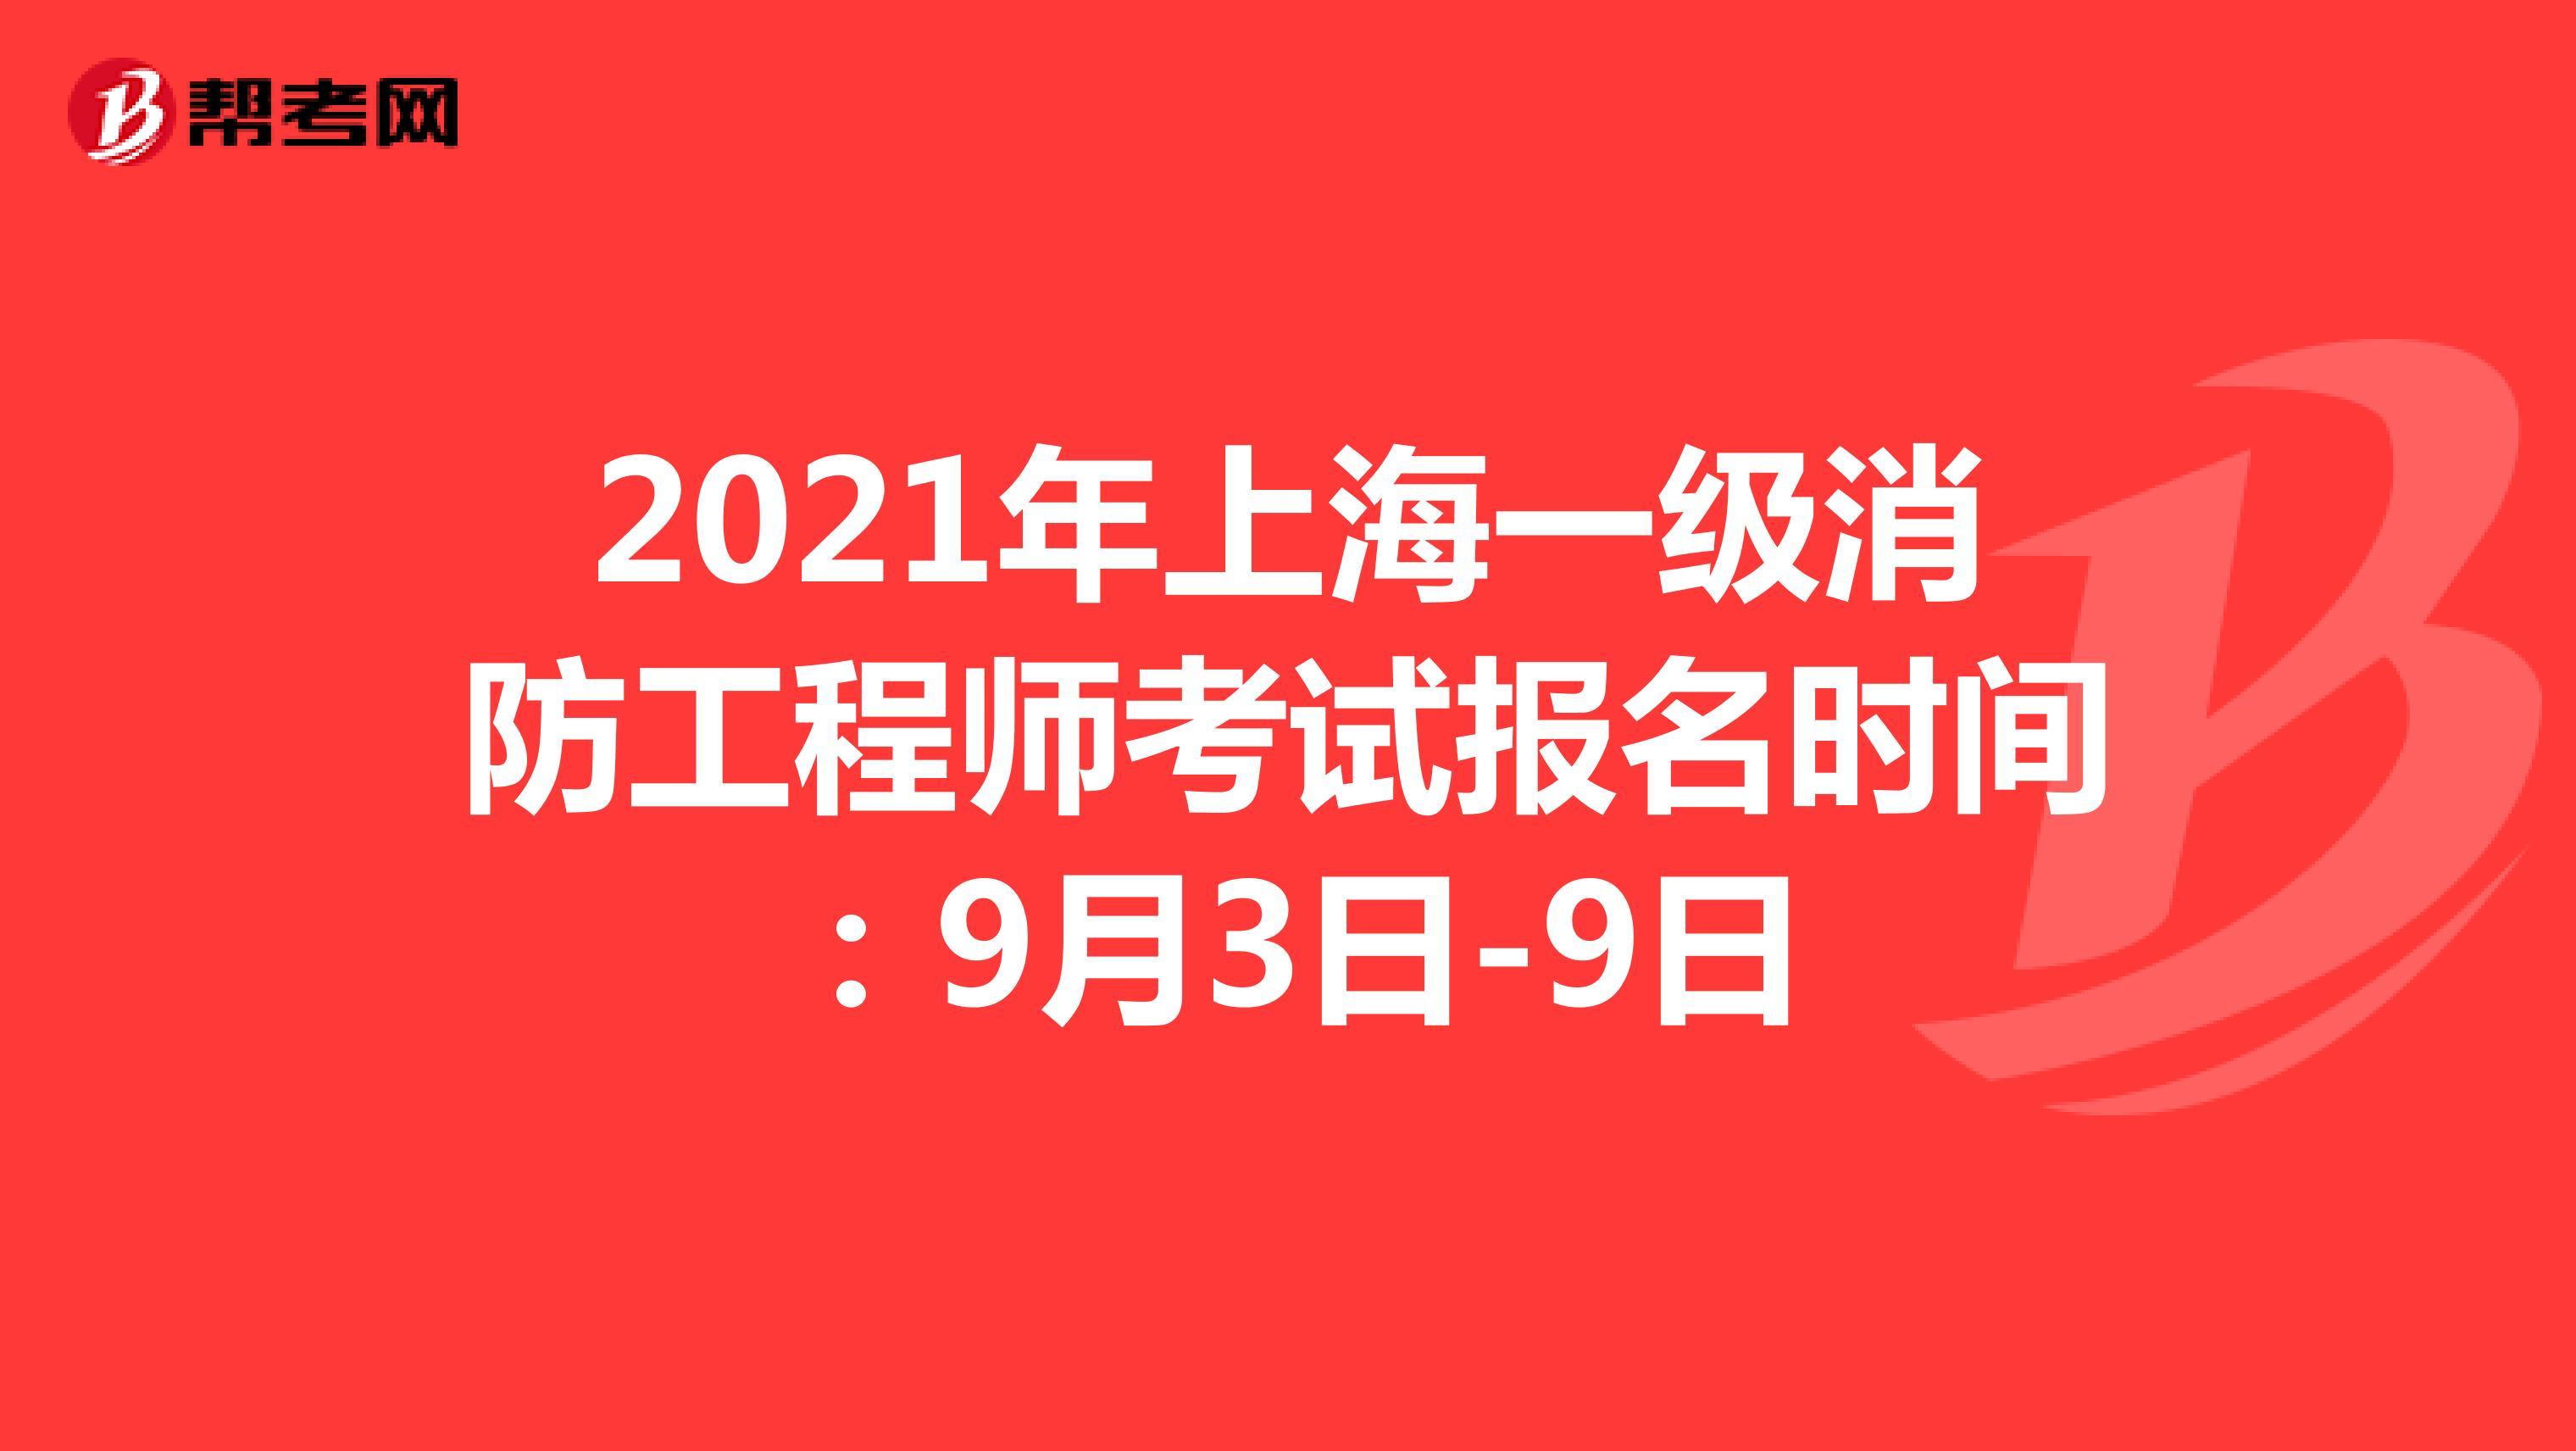 2021年上海一级消防工程师考试报名时间:9月3日-9日